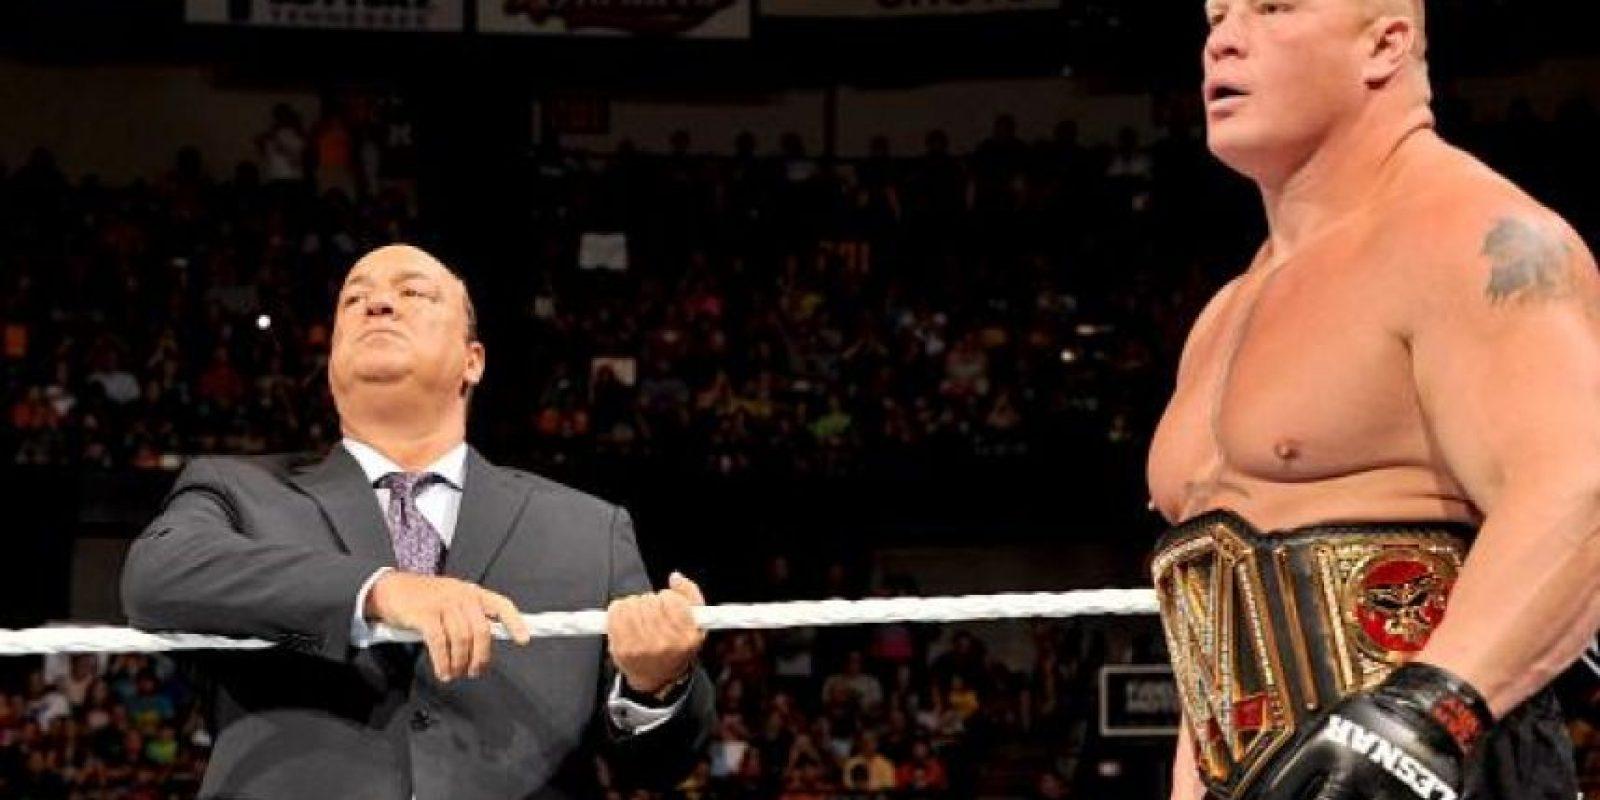 El campeón Mundial de Peso Pesado de la WWE fue arrestado por posesión de esteroides Foto:WWE